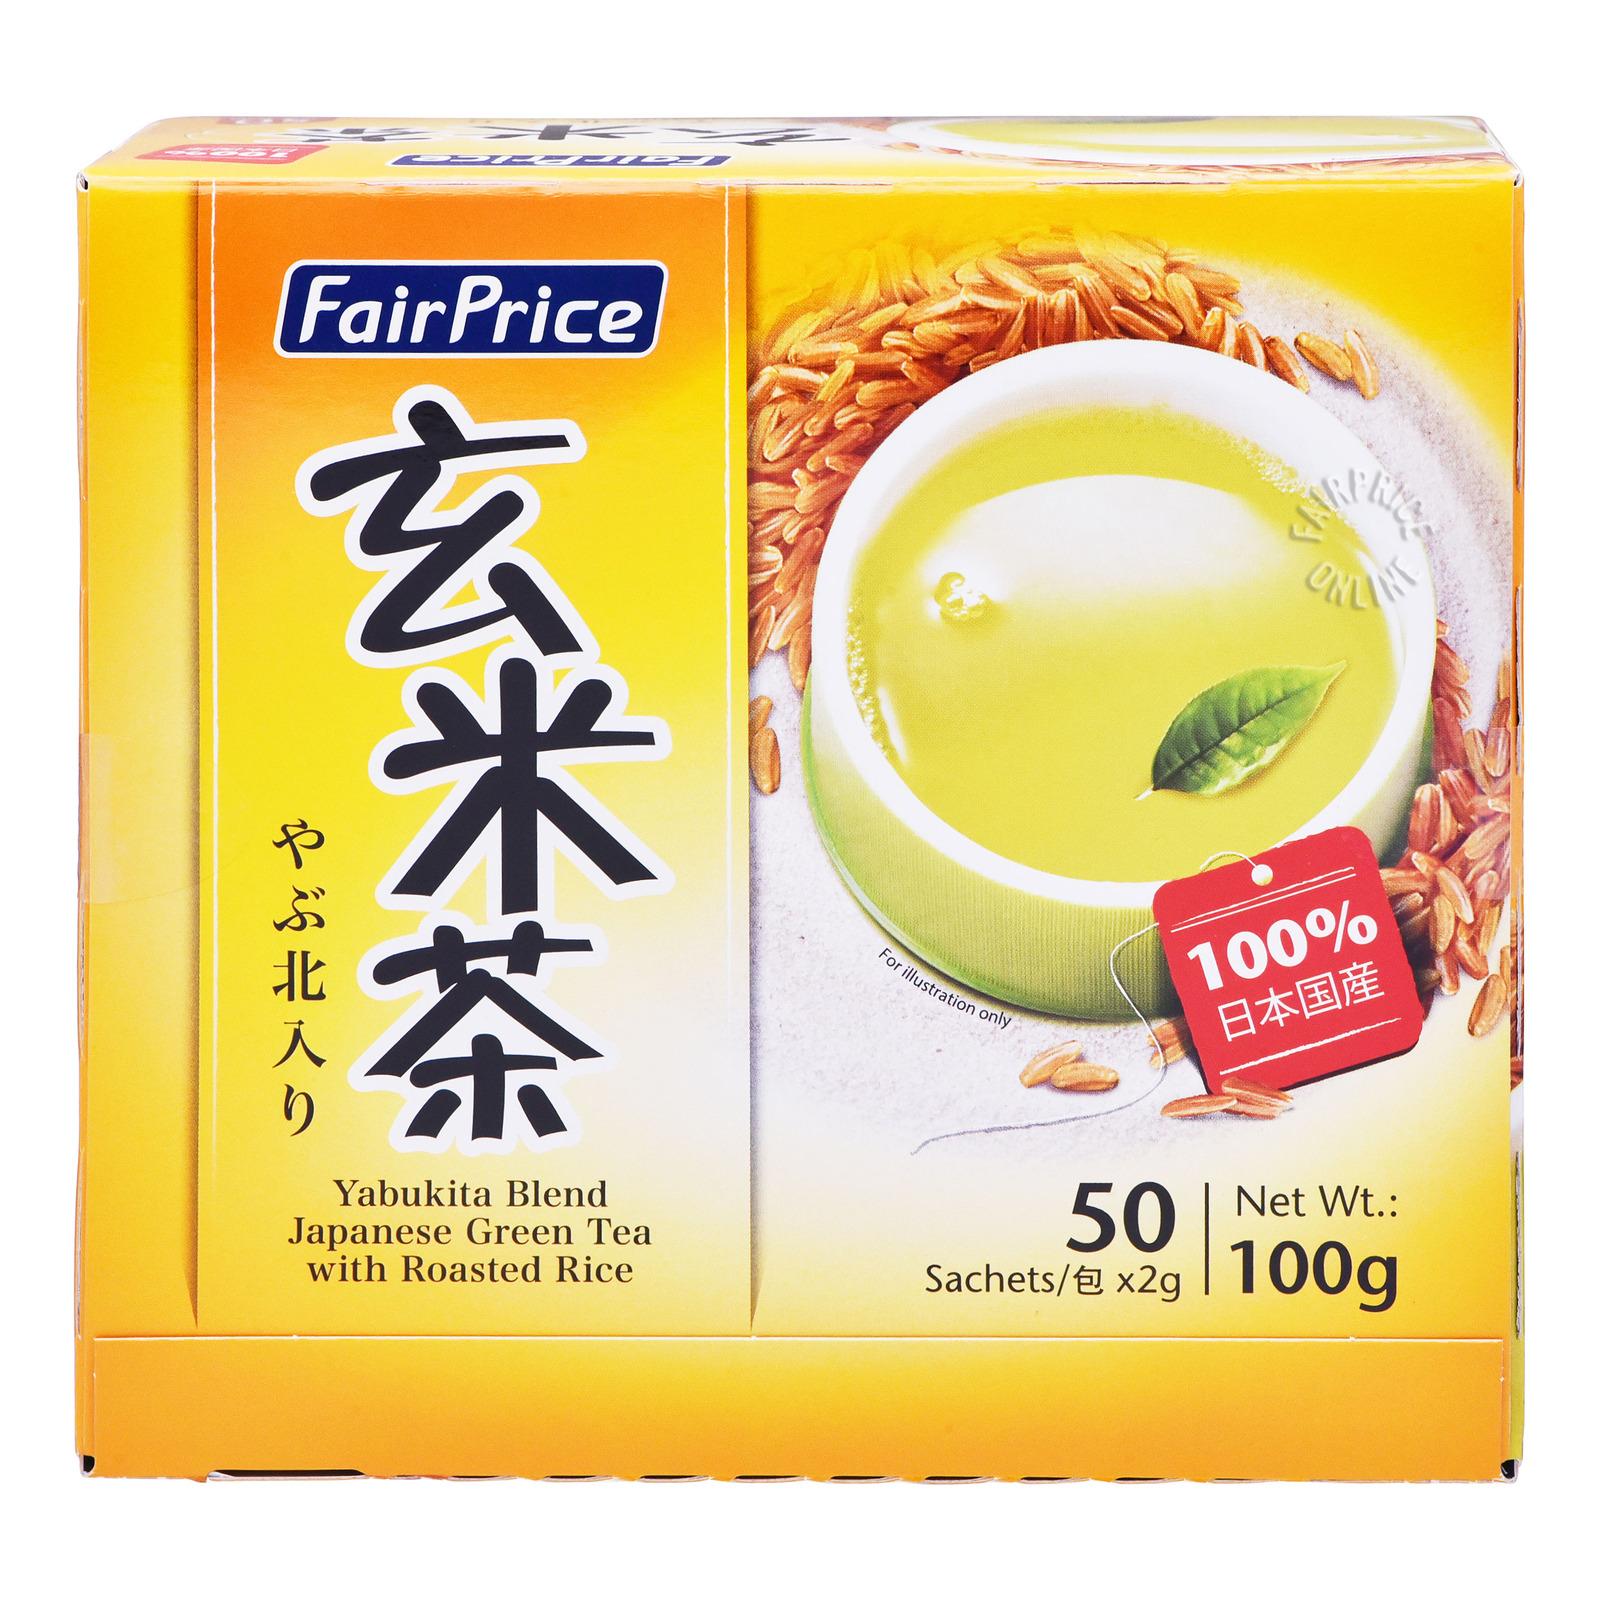 FairPrice Japanese Green Tea -Yabukita Blend with Roasted Rice